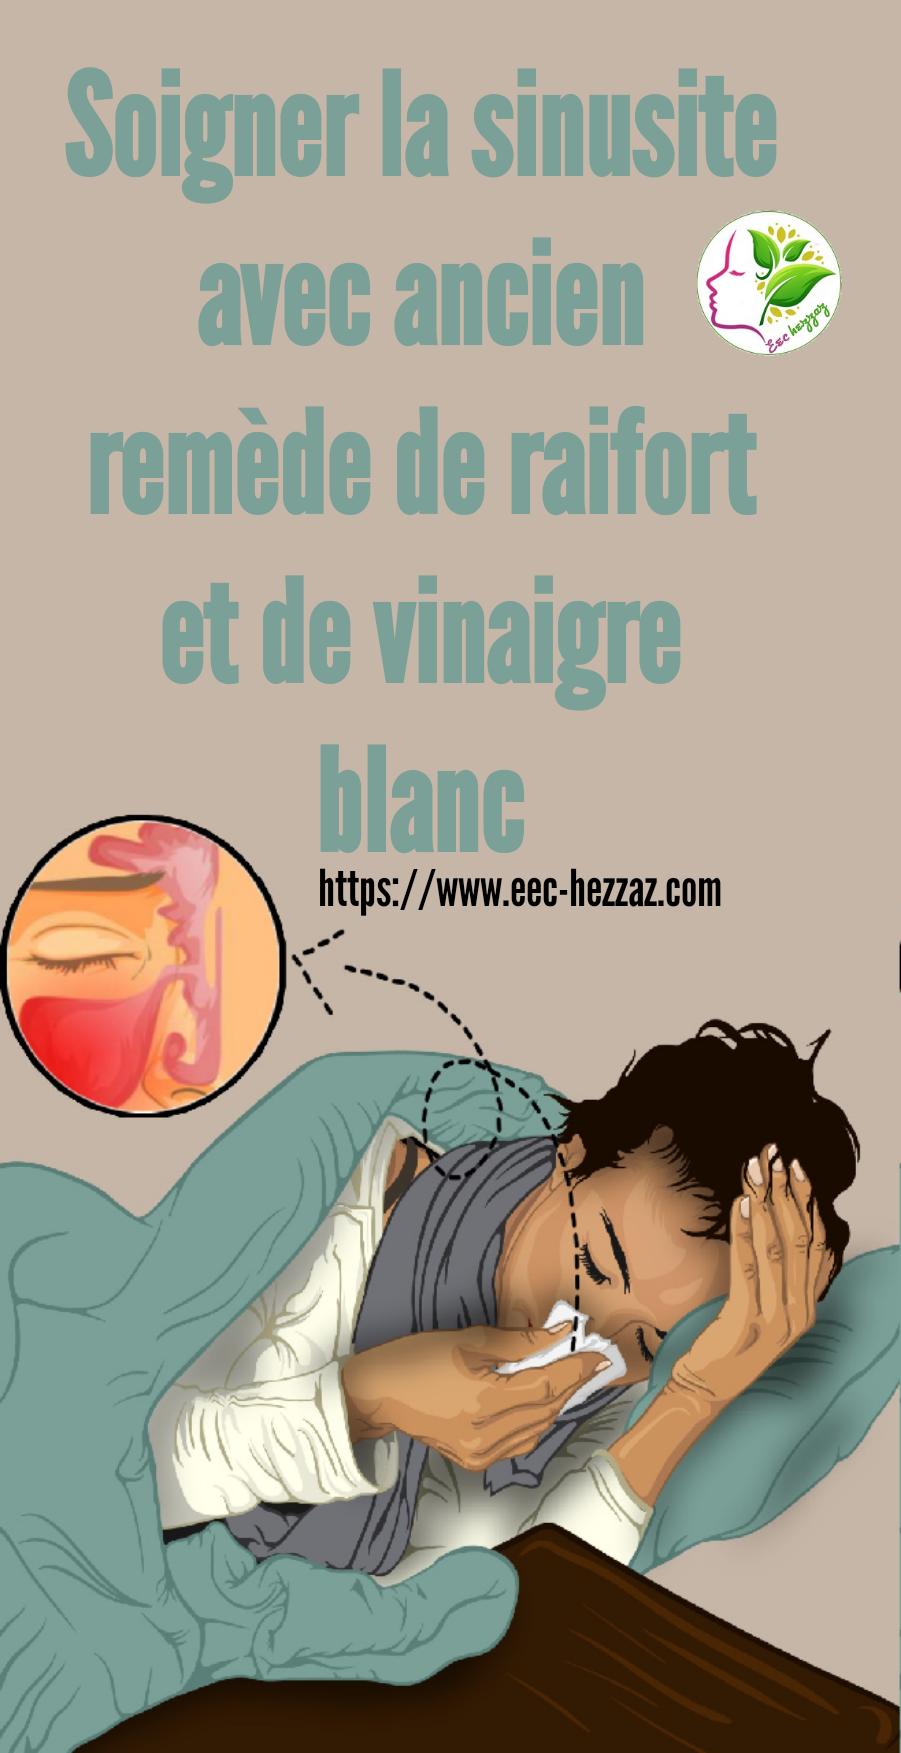 Soigner la sinusite avec ancien remède de raifort et de vinaigre blanc